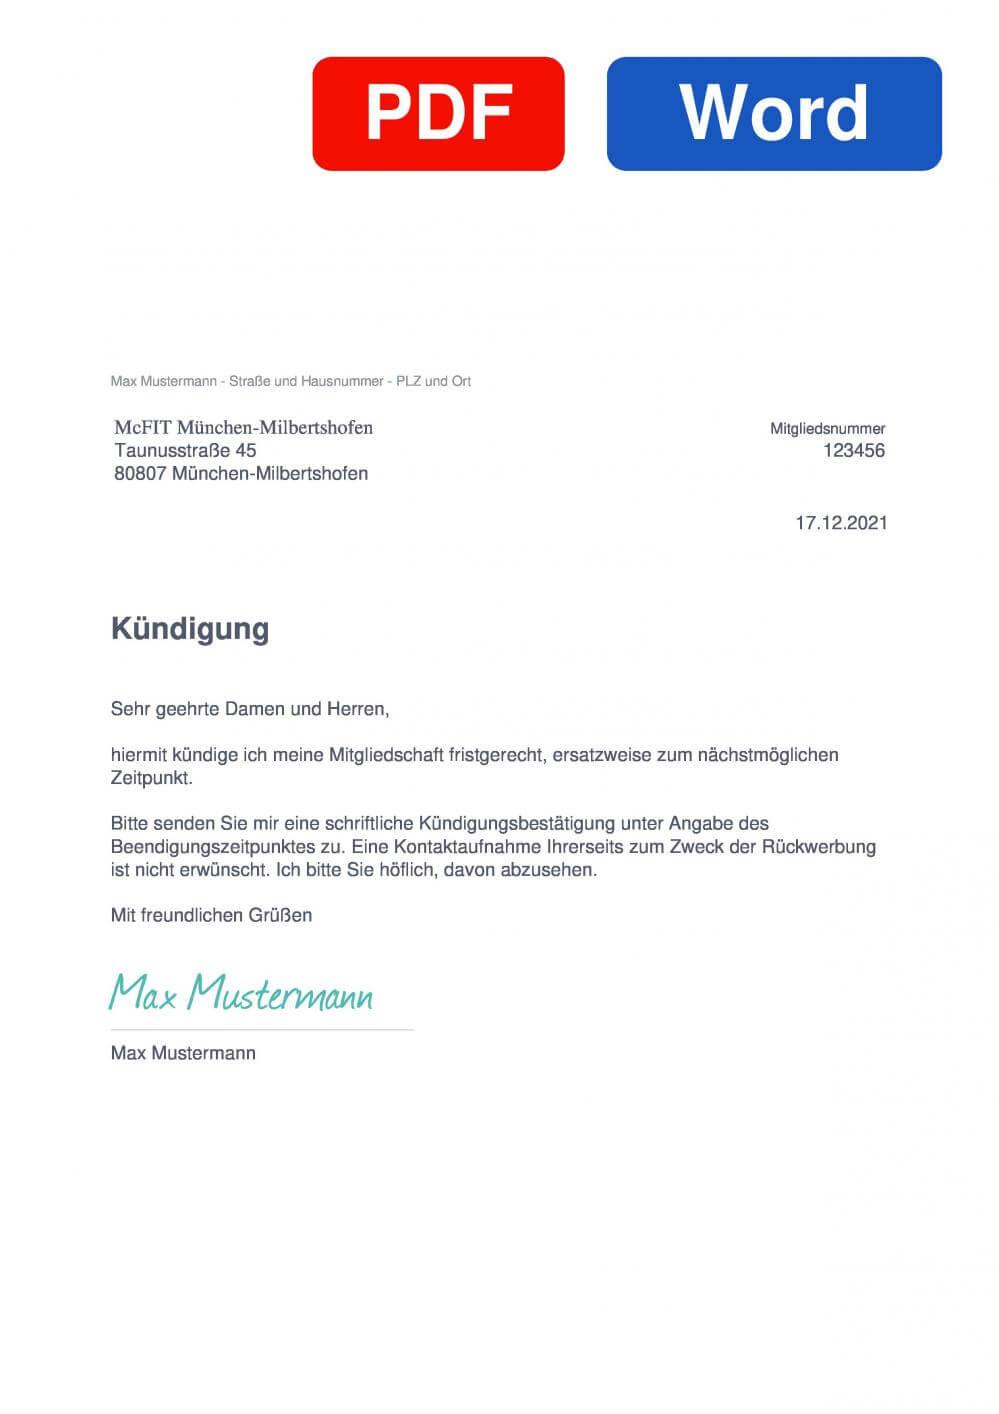 McFIT München-Milbertshofen Muster Vorlage für Kündigungsschreiben